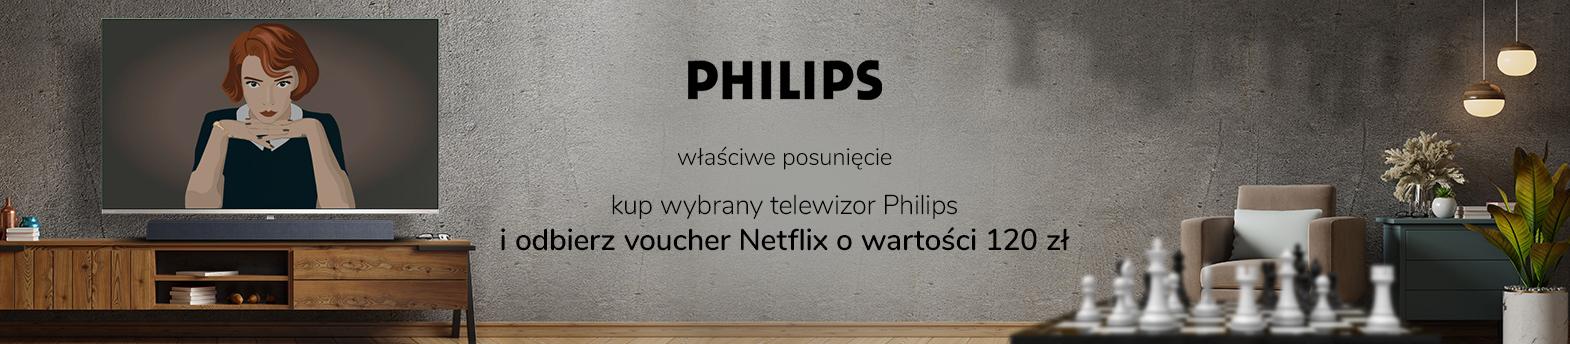 odbierz 120 zł do Netflix